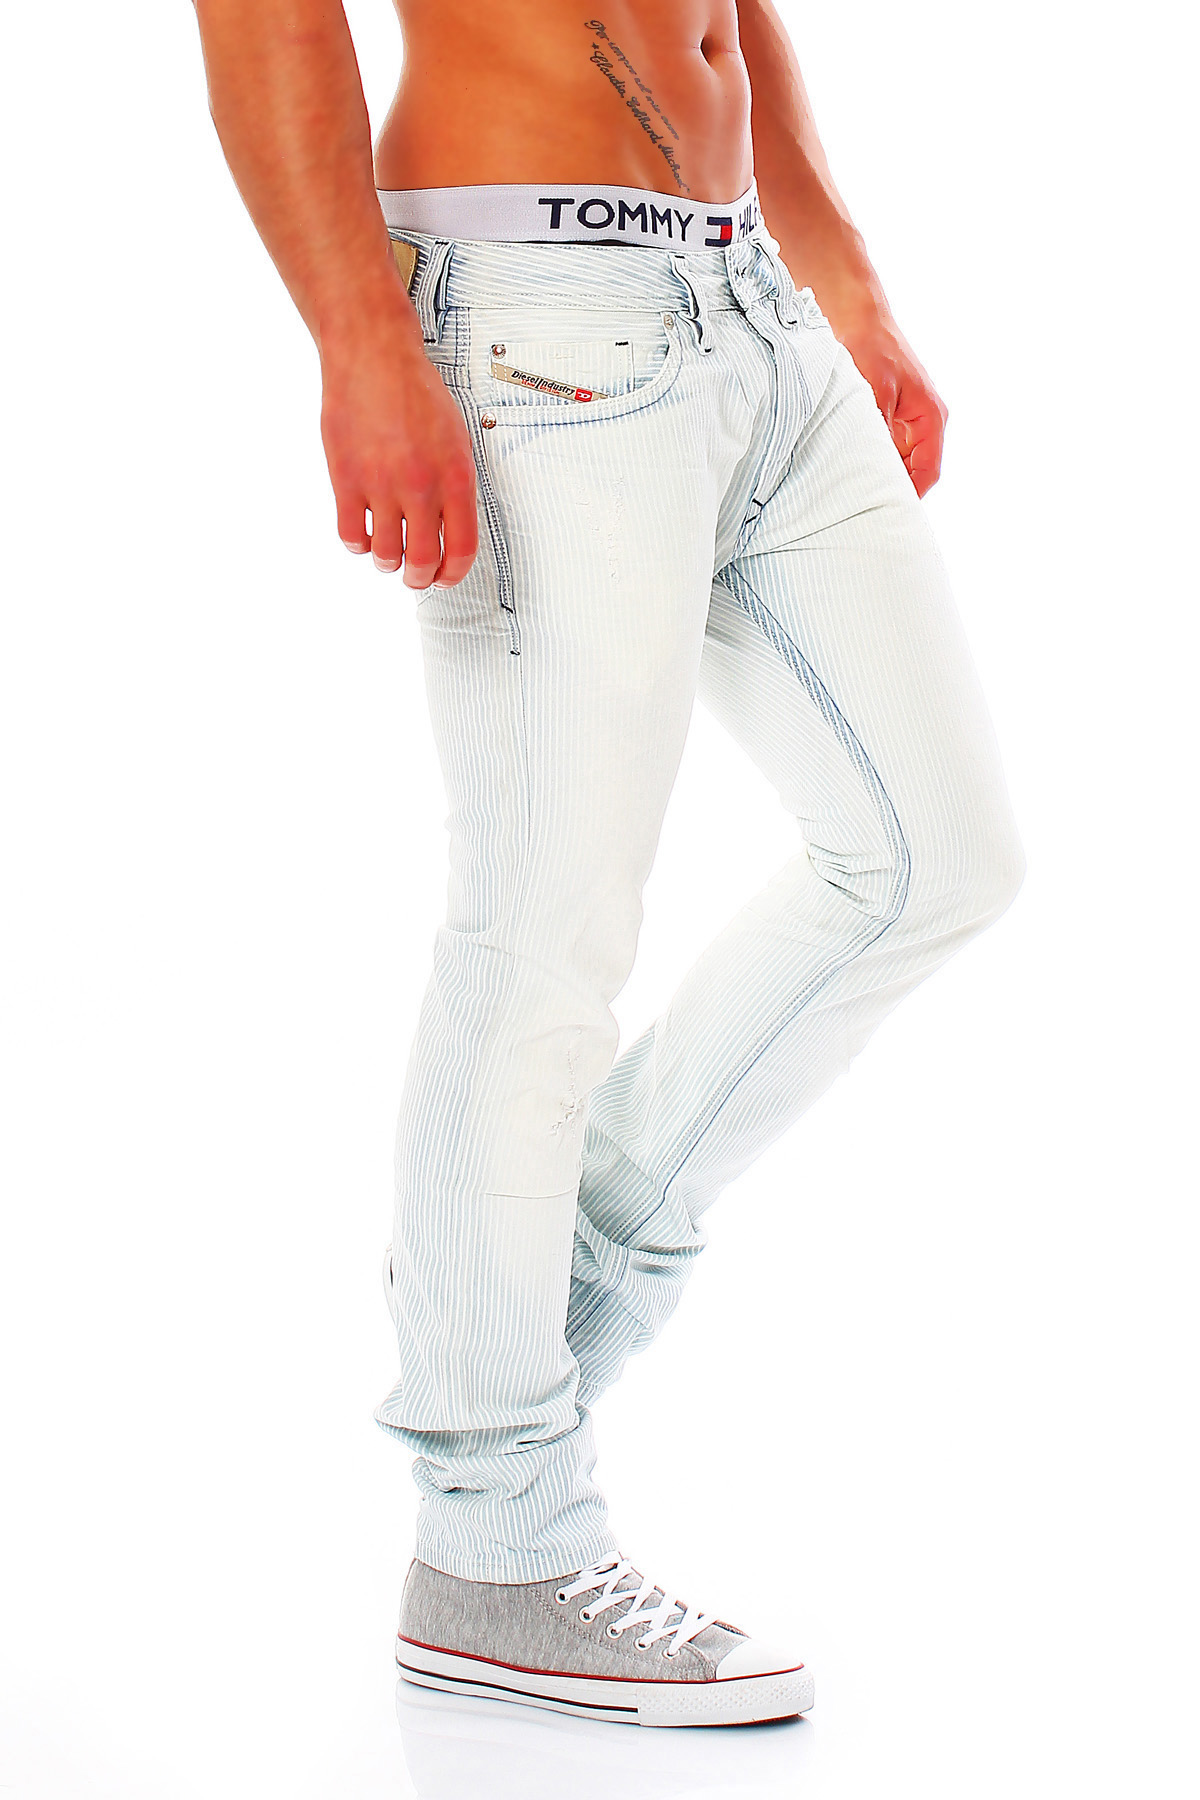 diesel jeans thanaz herren slim skinny dna kollektion neu. Black Bedroom Furniture Sets. Home Design Ideas